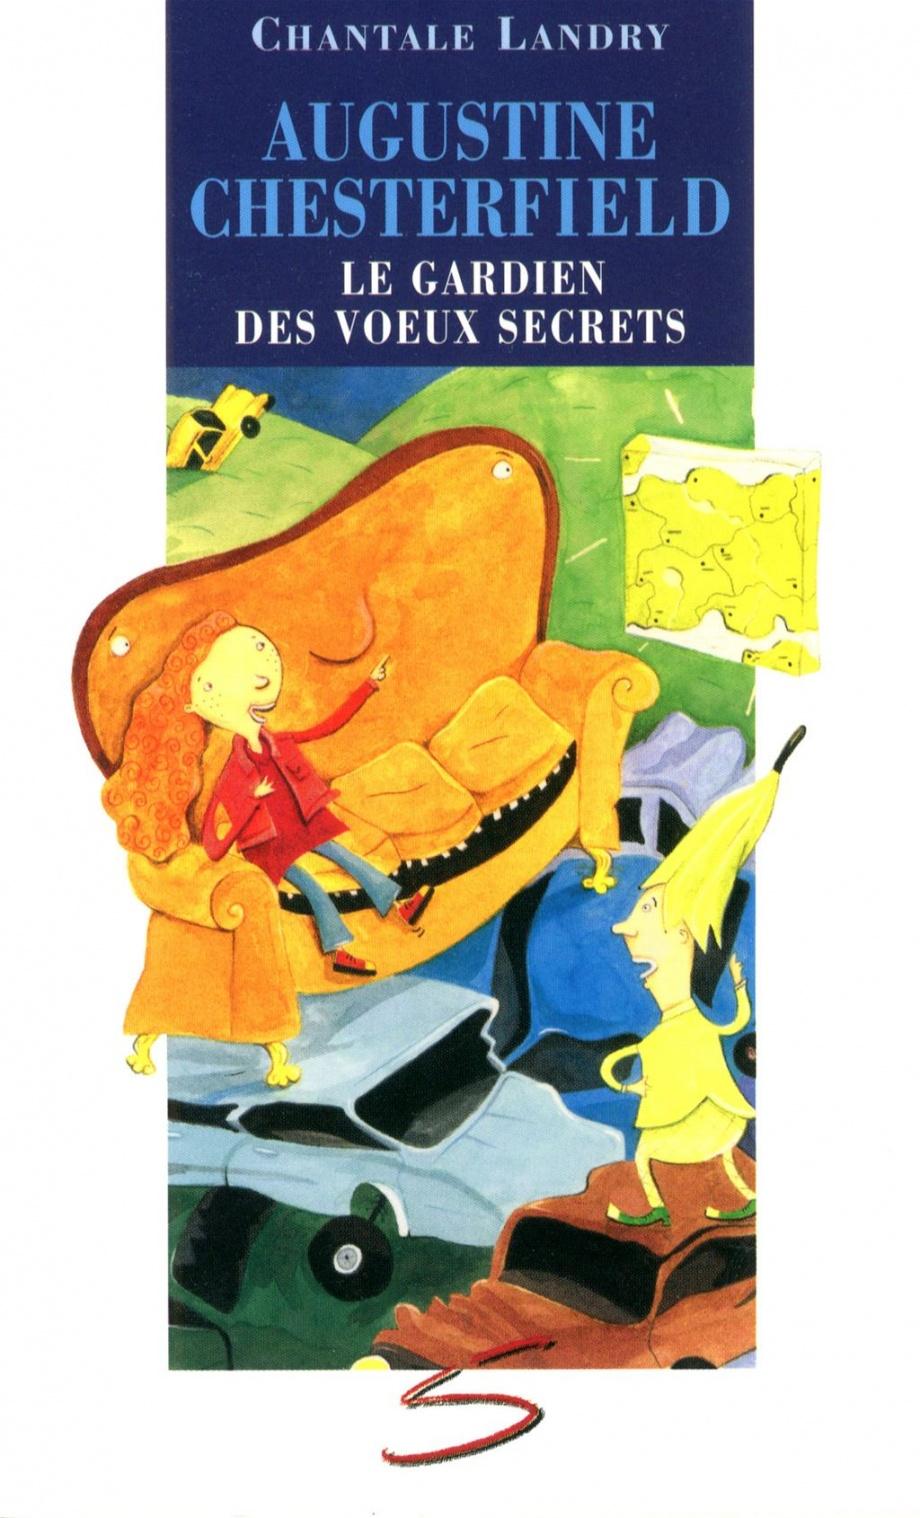 Les 111 existoires d'Augustine Chesterfield : le gardien des voeux secrets : roman